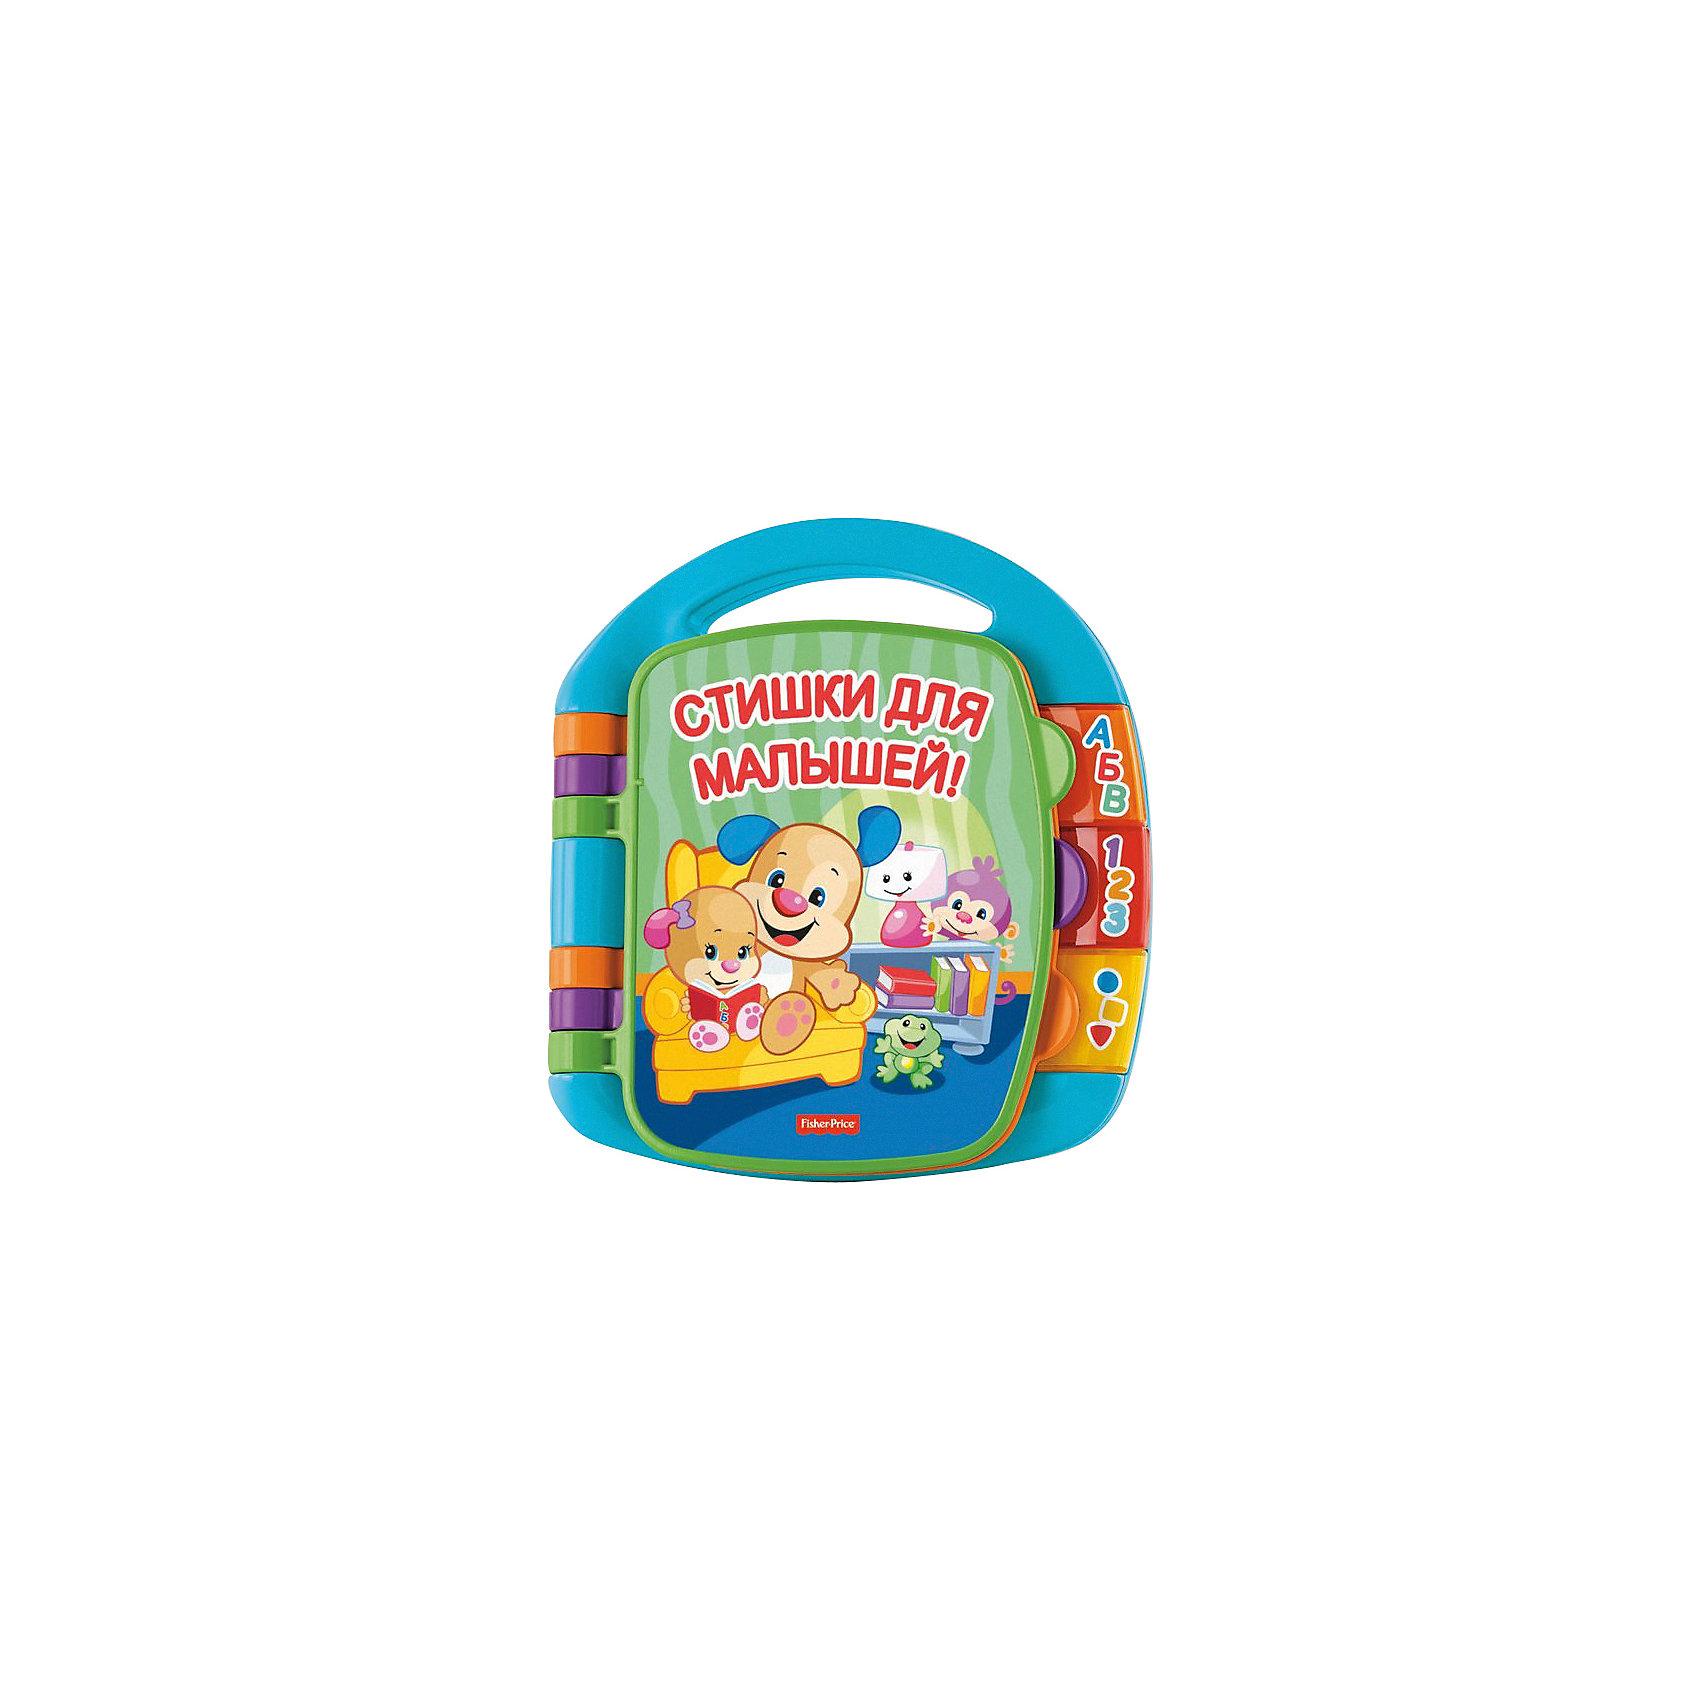 Mattel Книжка Стишки для малышей, Fisher-price песенки для малышей книжка игрушка